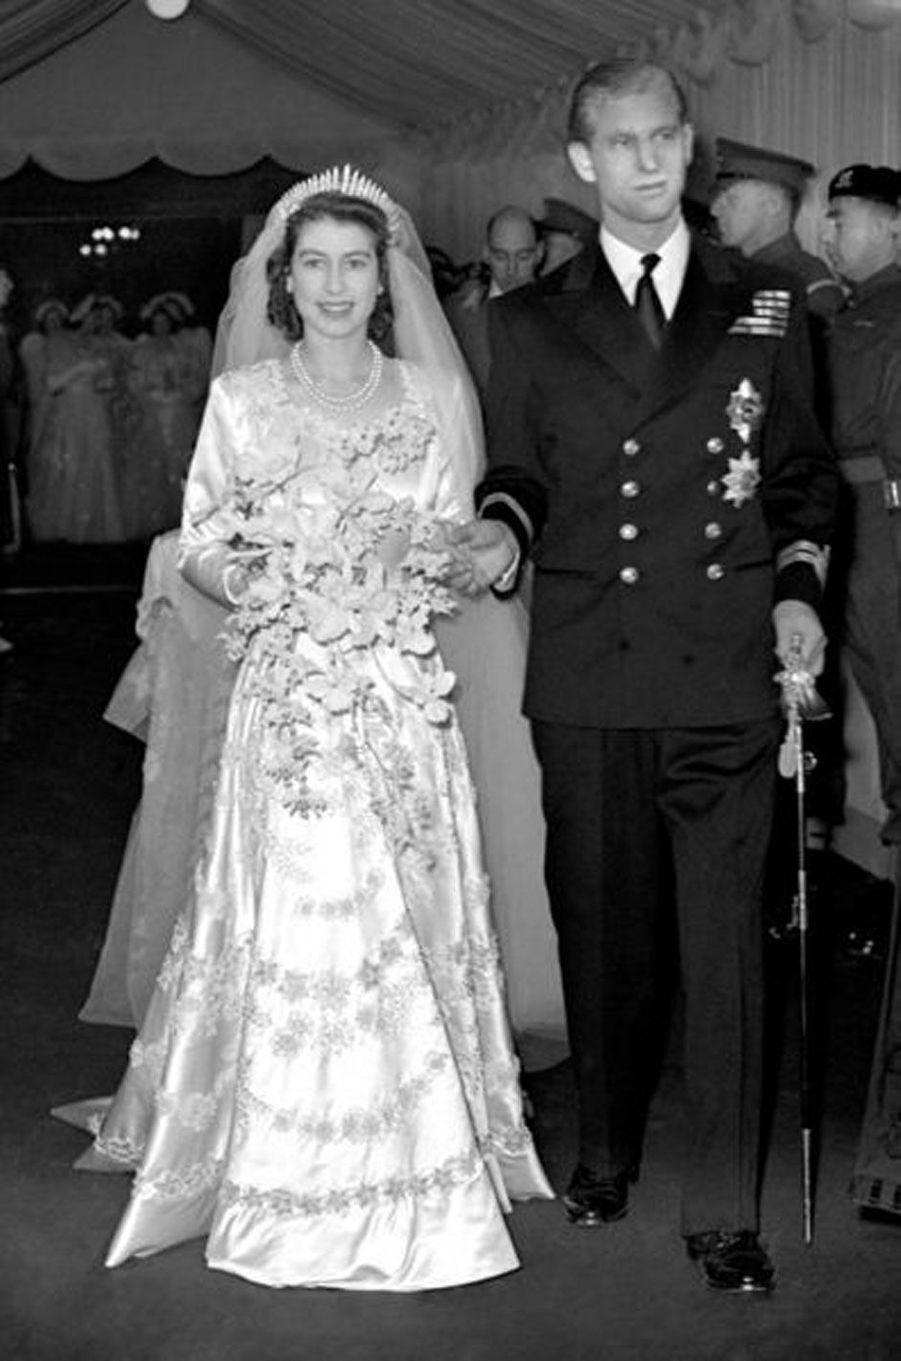 Le jour de son mariage avec Philip Mountbatten, le 20 novembre 1947